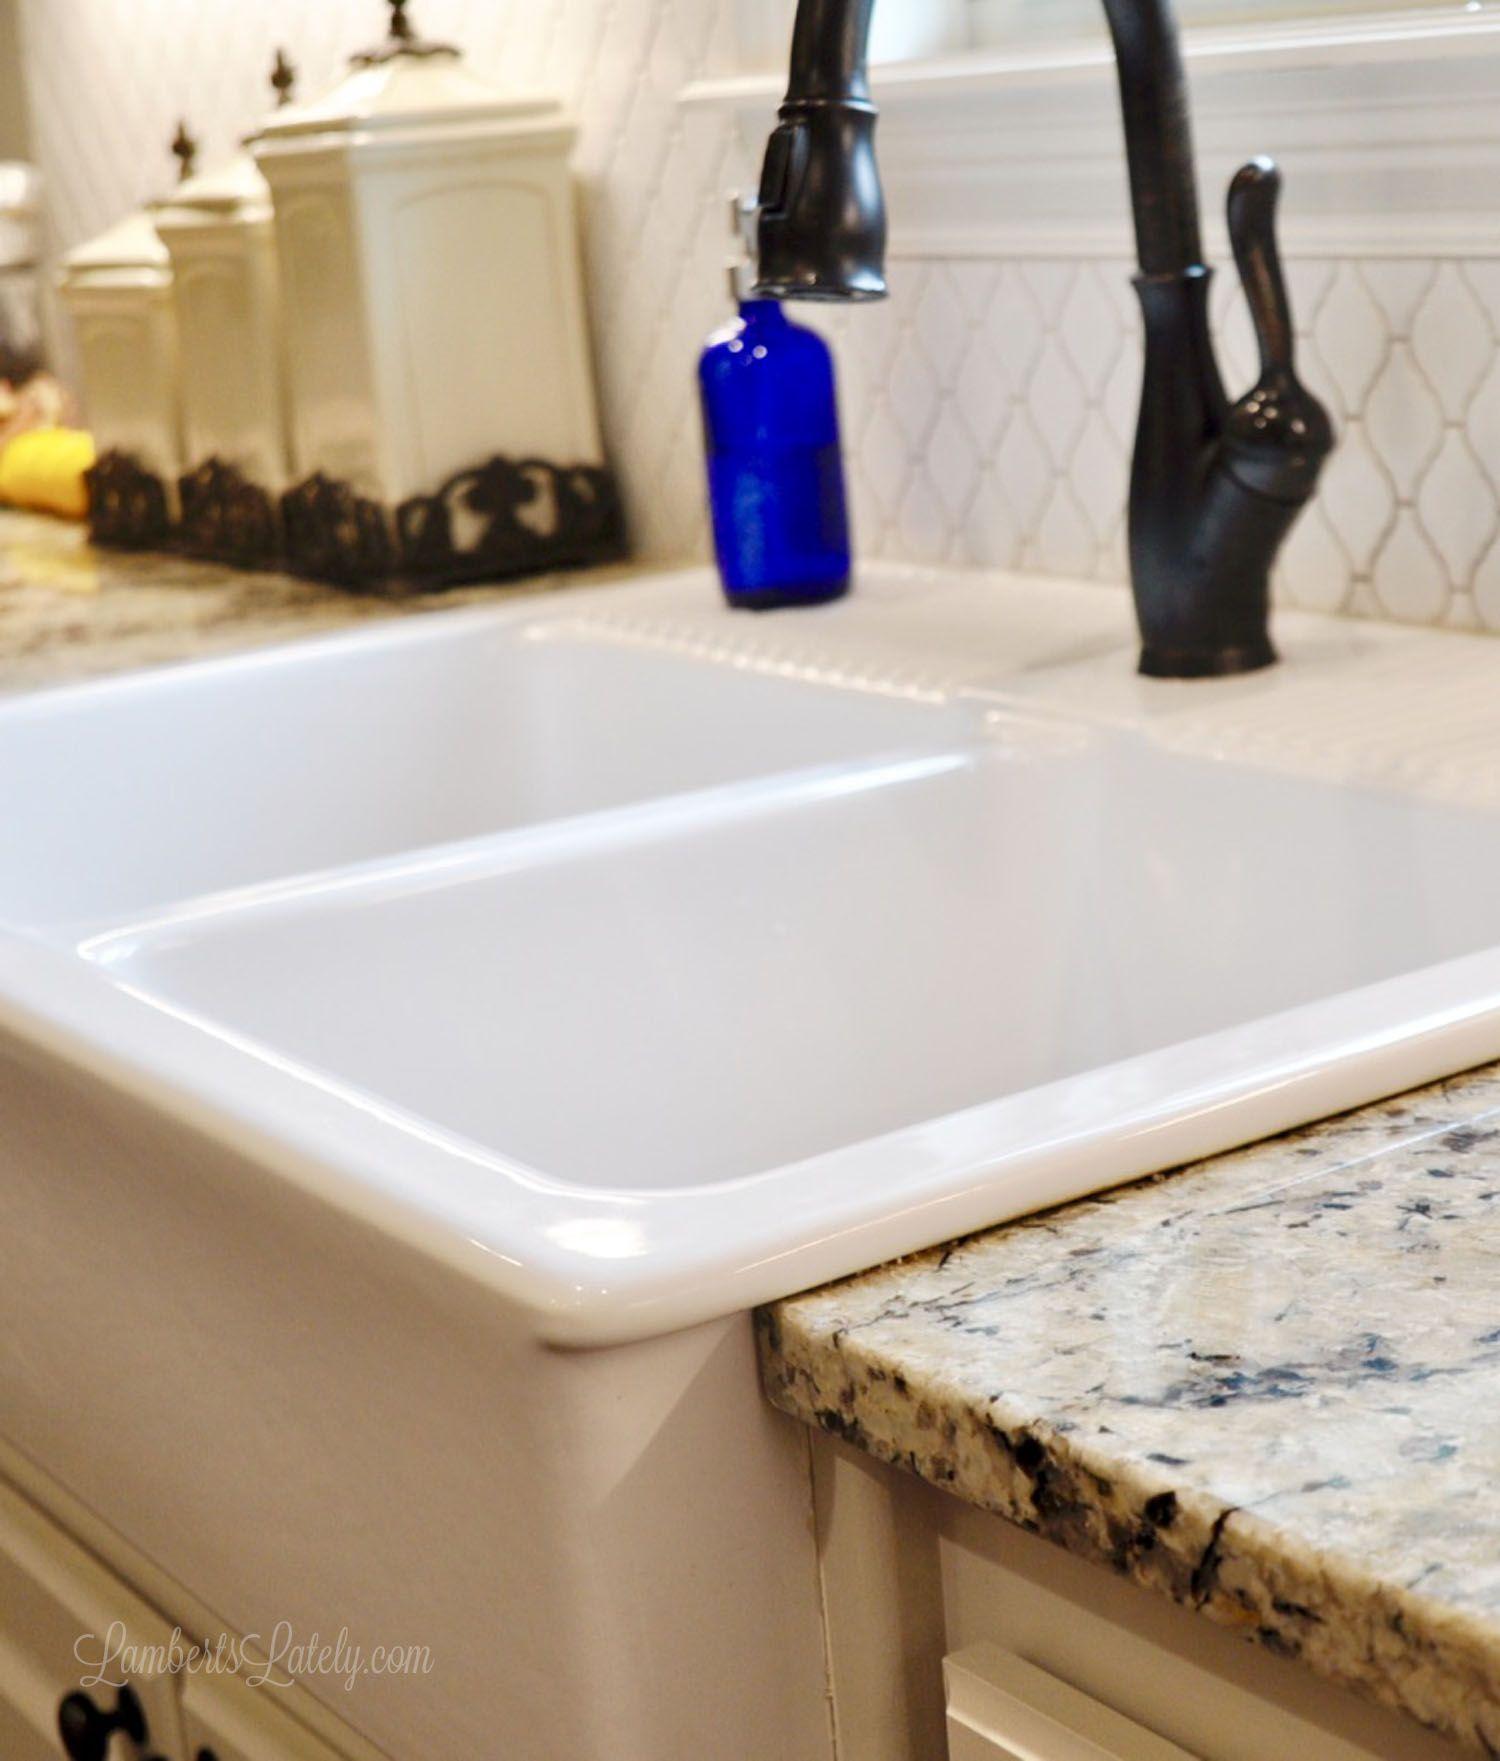 How to Clean a Porcelain Farmhouse Sink Sink, Farmhouse